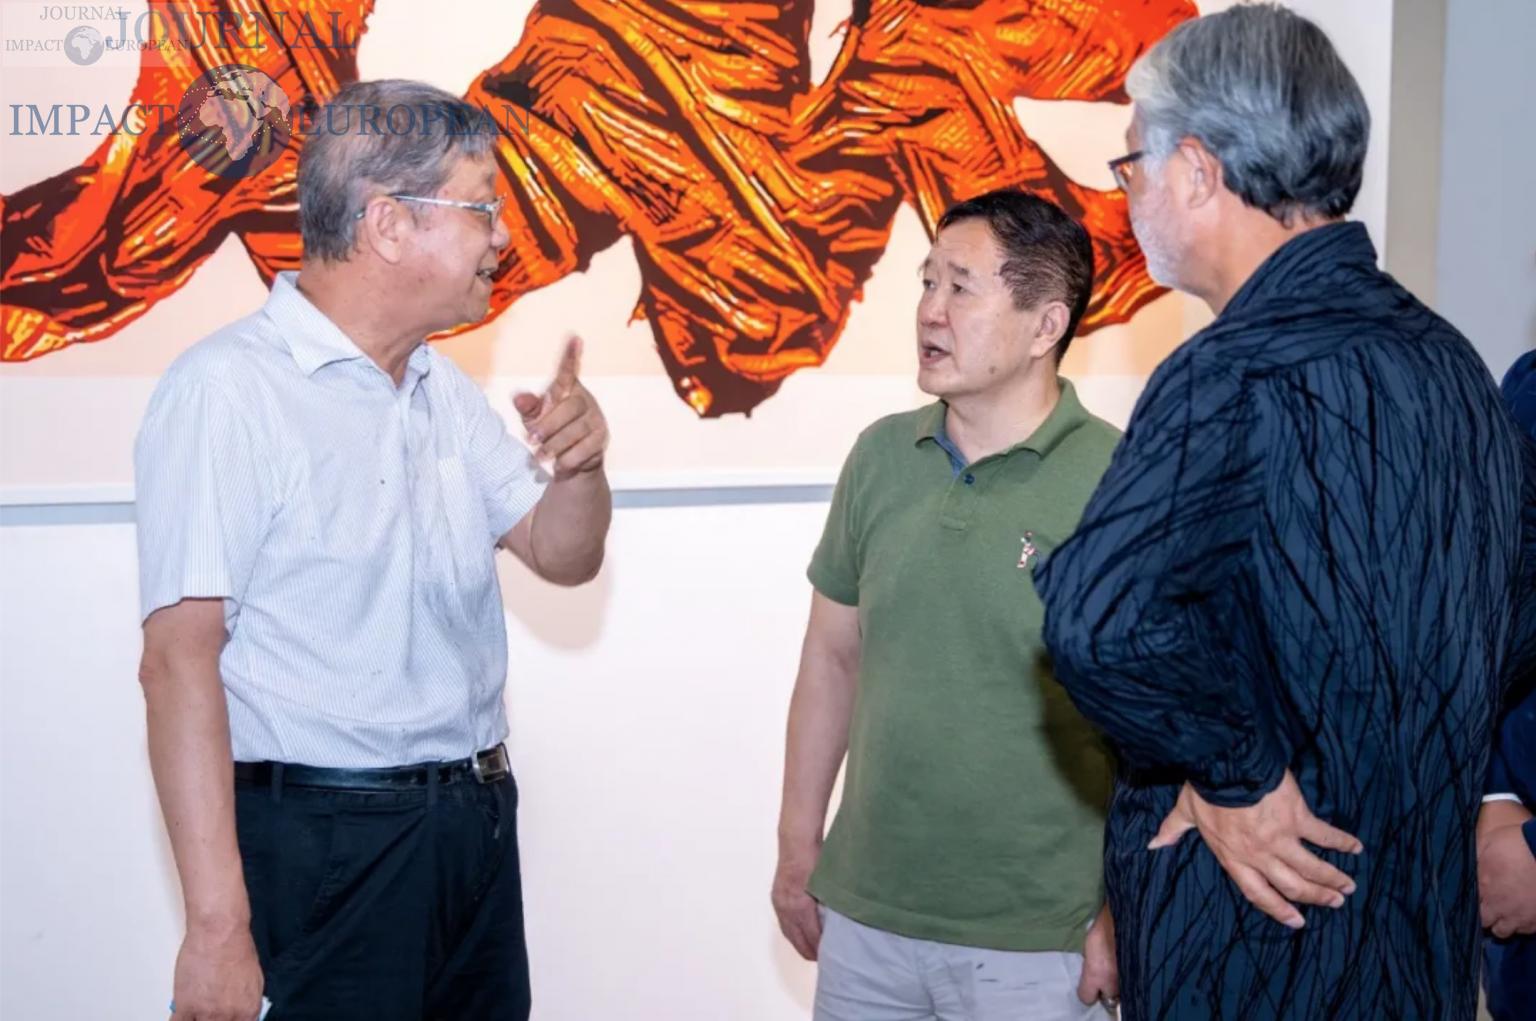 Shuang Ning (à gauche), Yishan (au milieu), Jia Tingfeng (à droite) pour un échange artistique